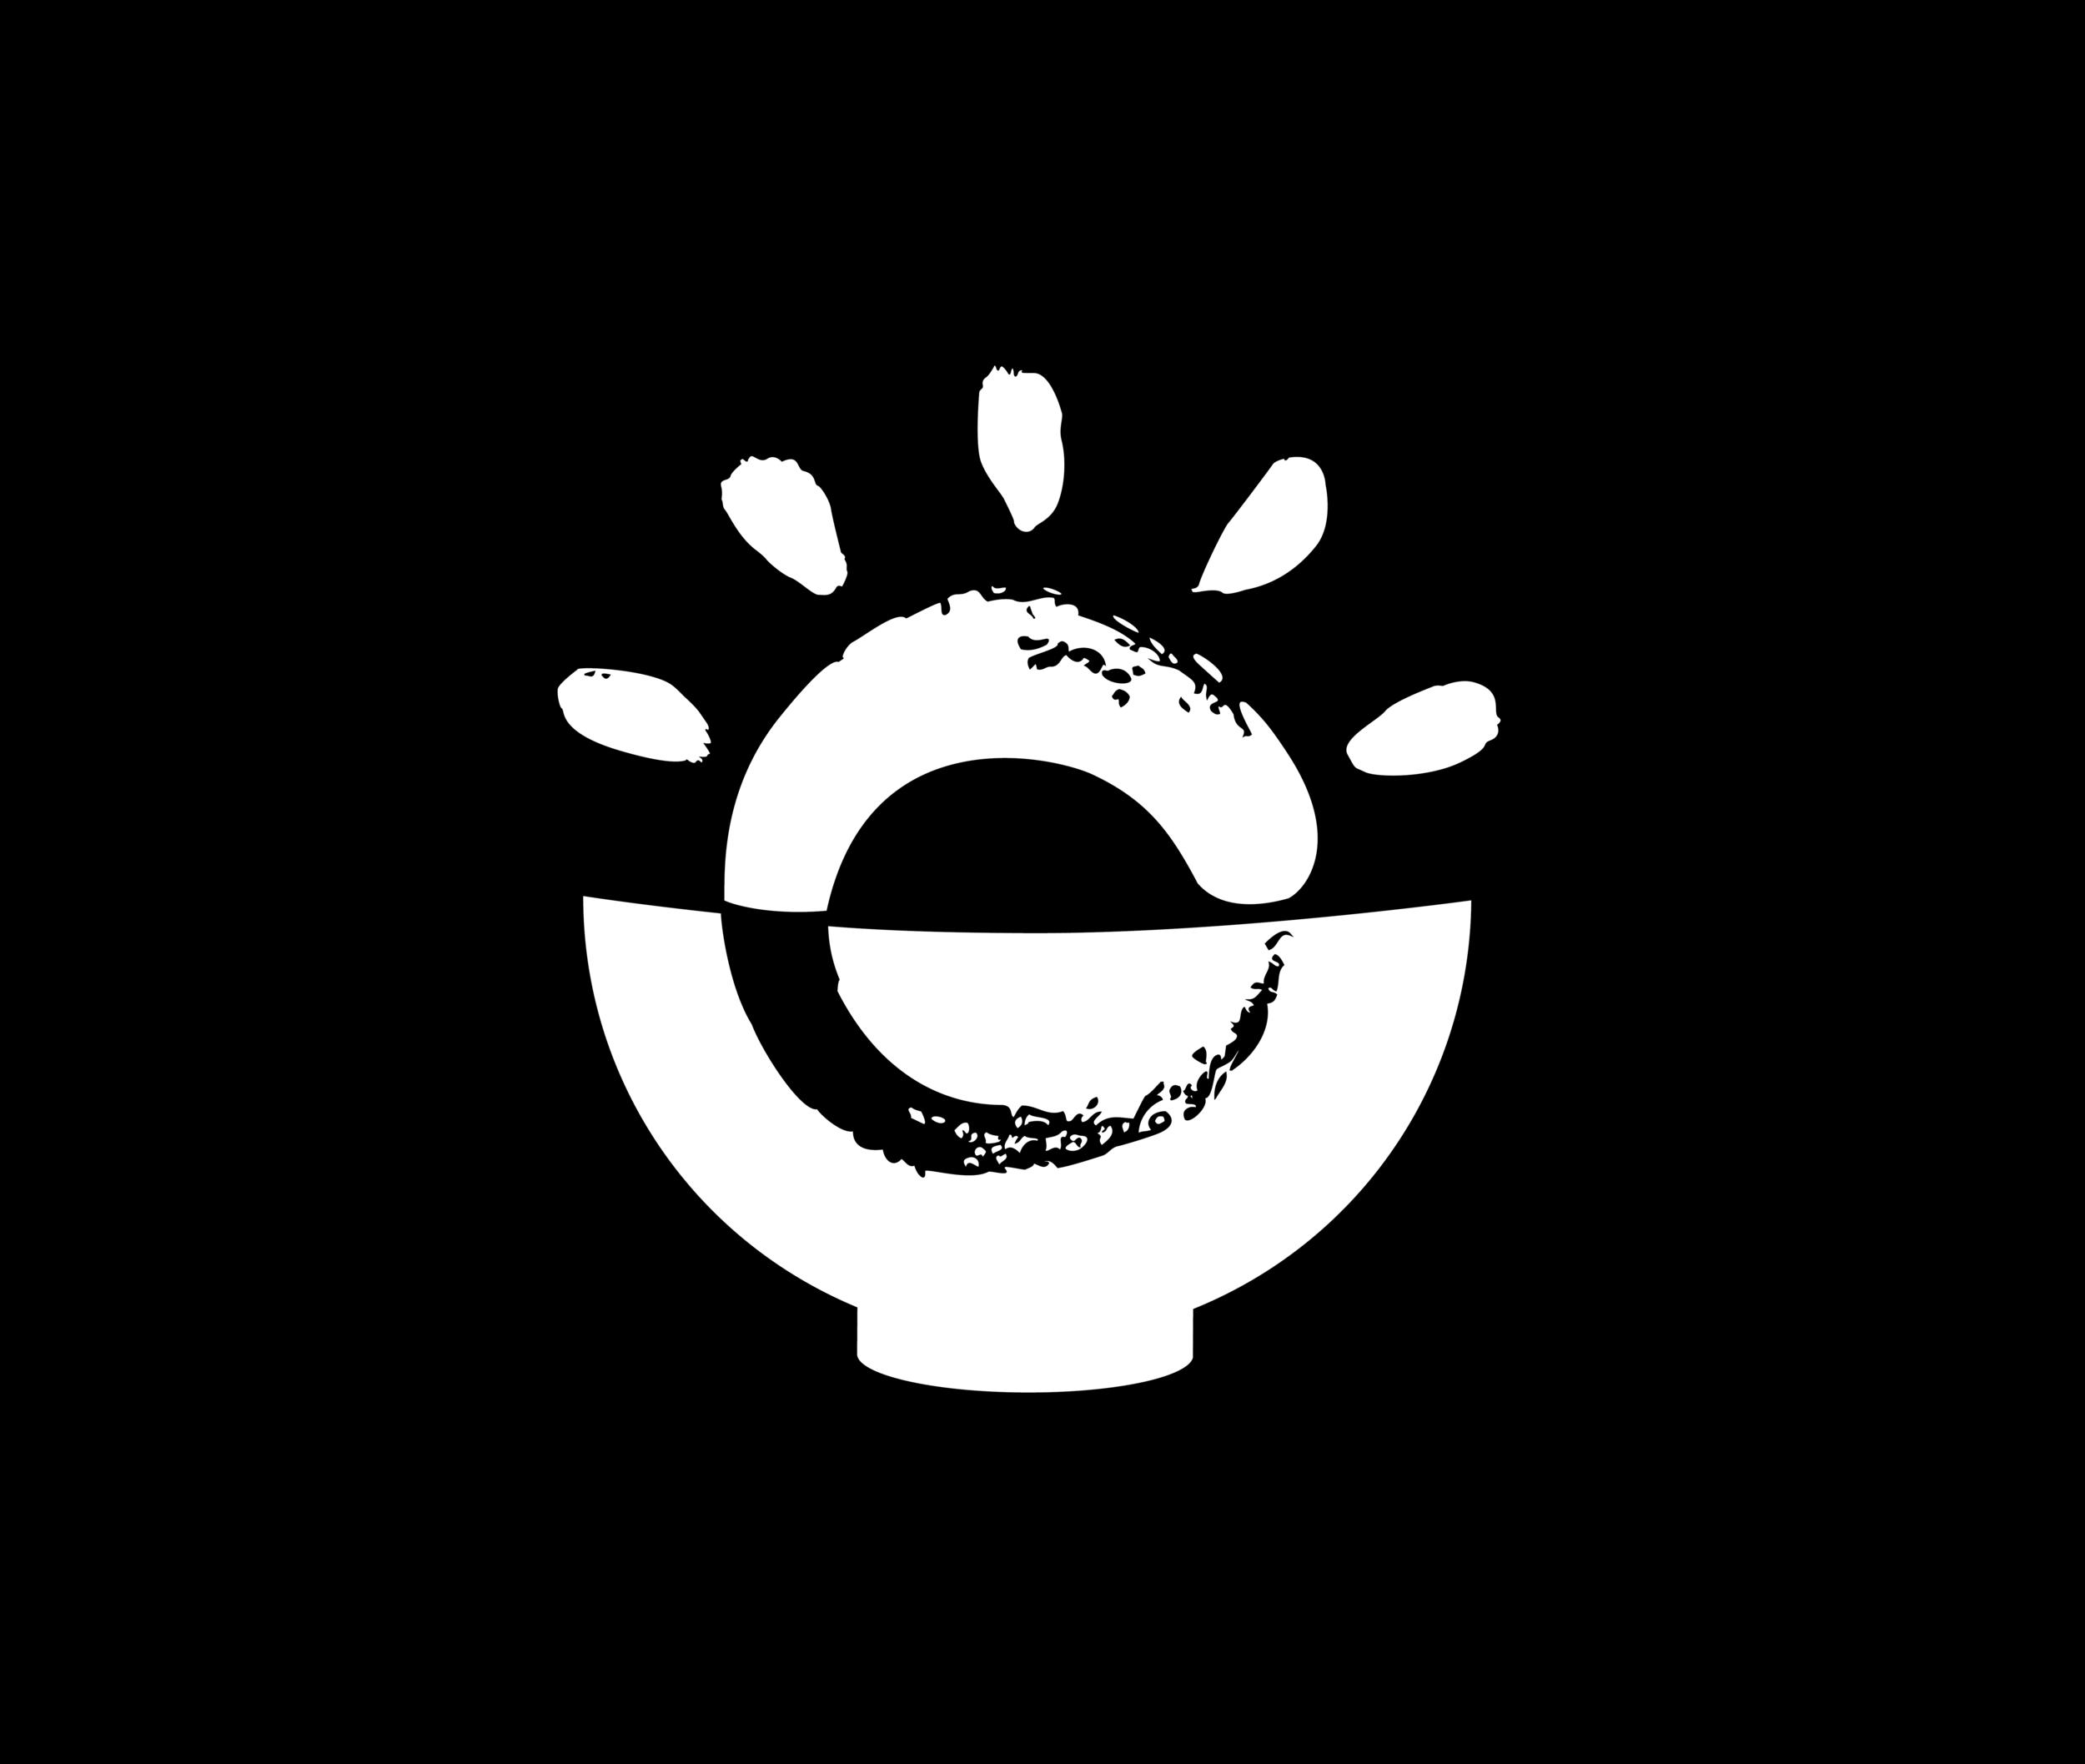 Sunyata-finals-BW_white-icon-circle.png